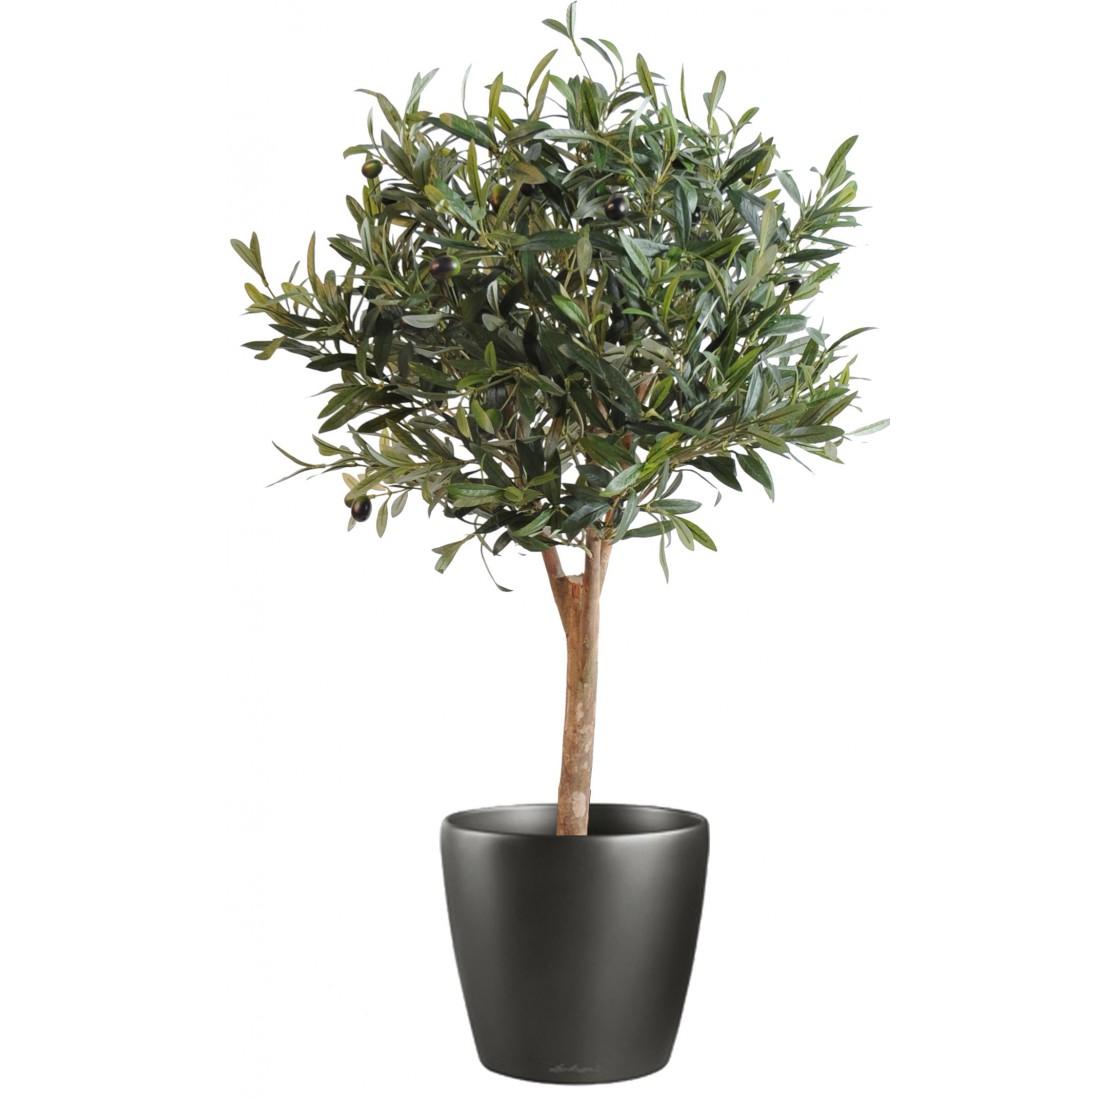 Olivier artificiel new arbre boule 90 cm arbres mediterraneens reflets nature lyon - Arbre en pot ...